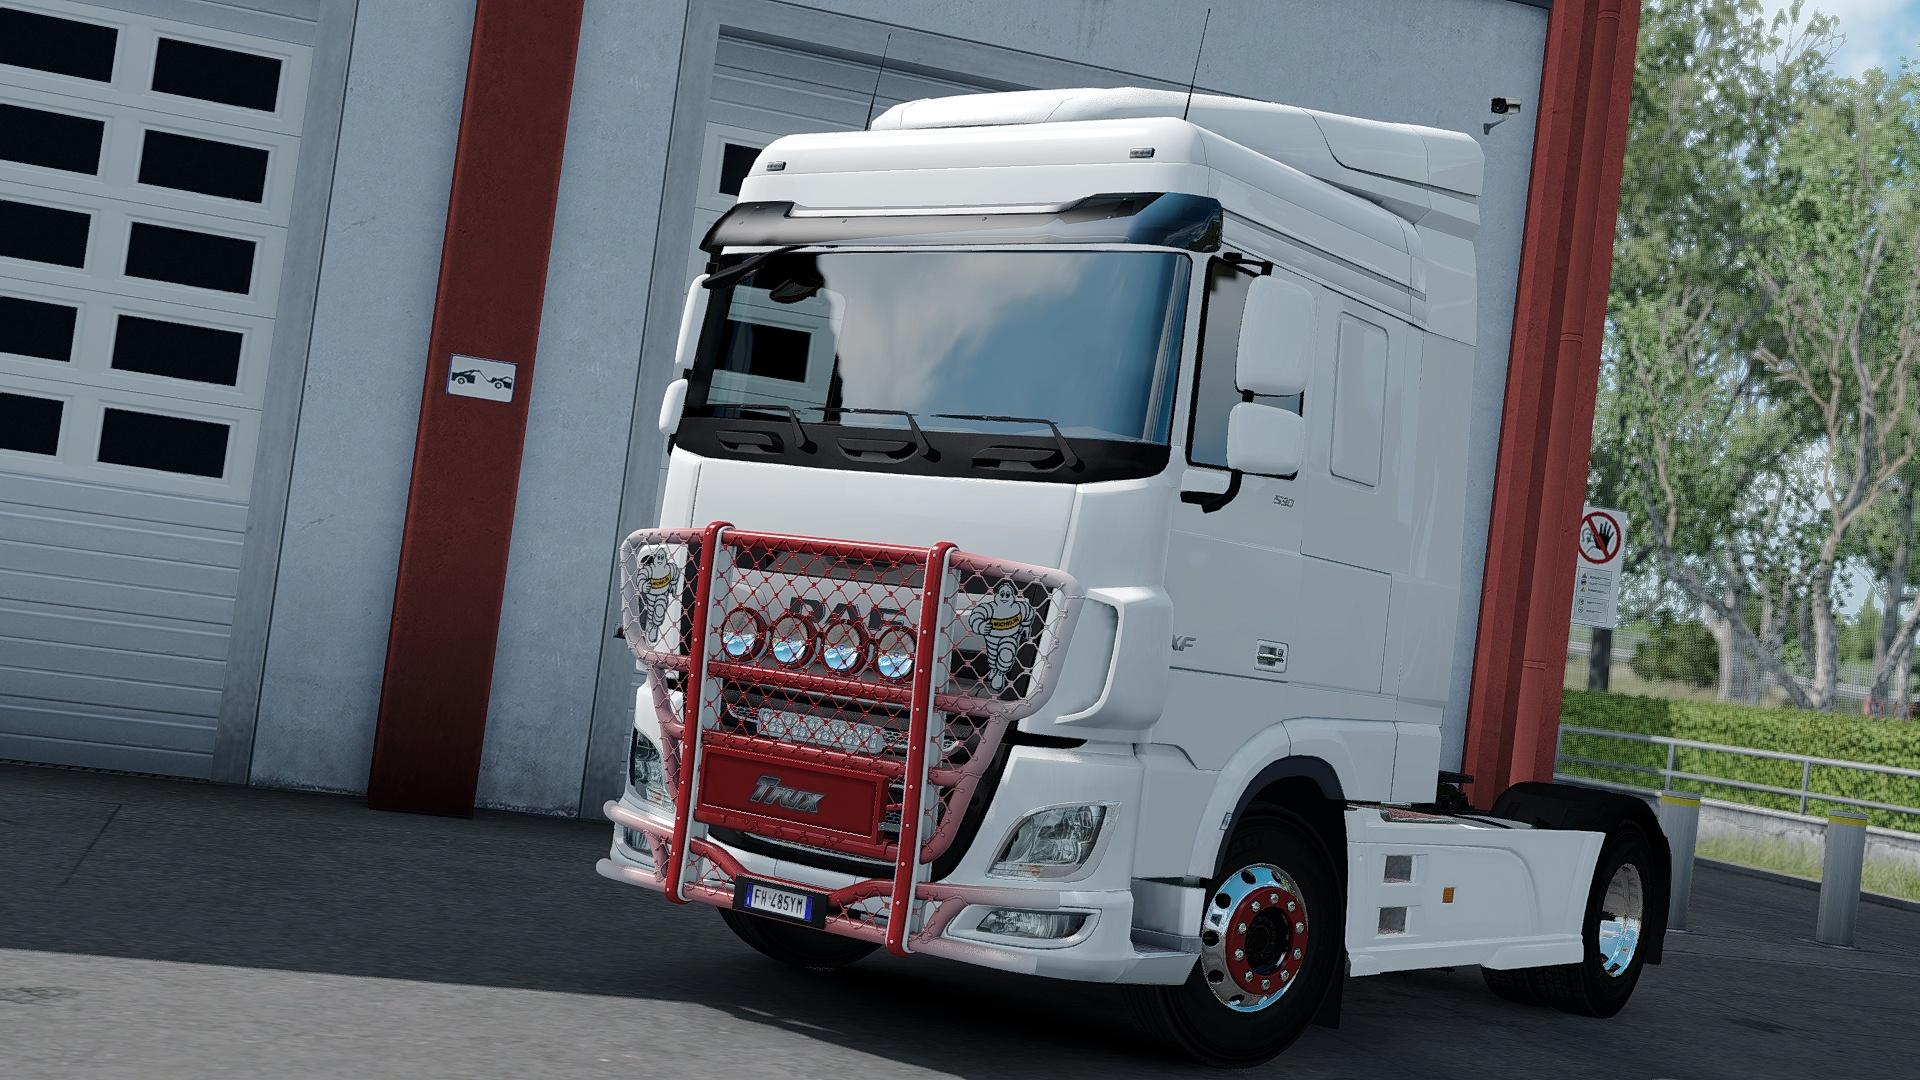 [ETS2 - ADDON] Bullbar Trux HighWay DAF Euro 6